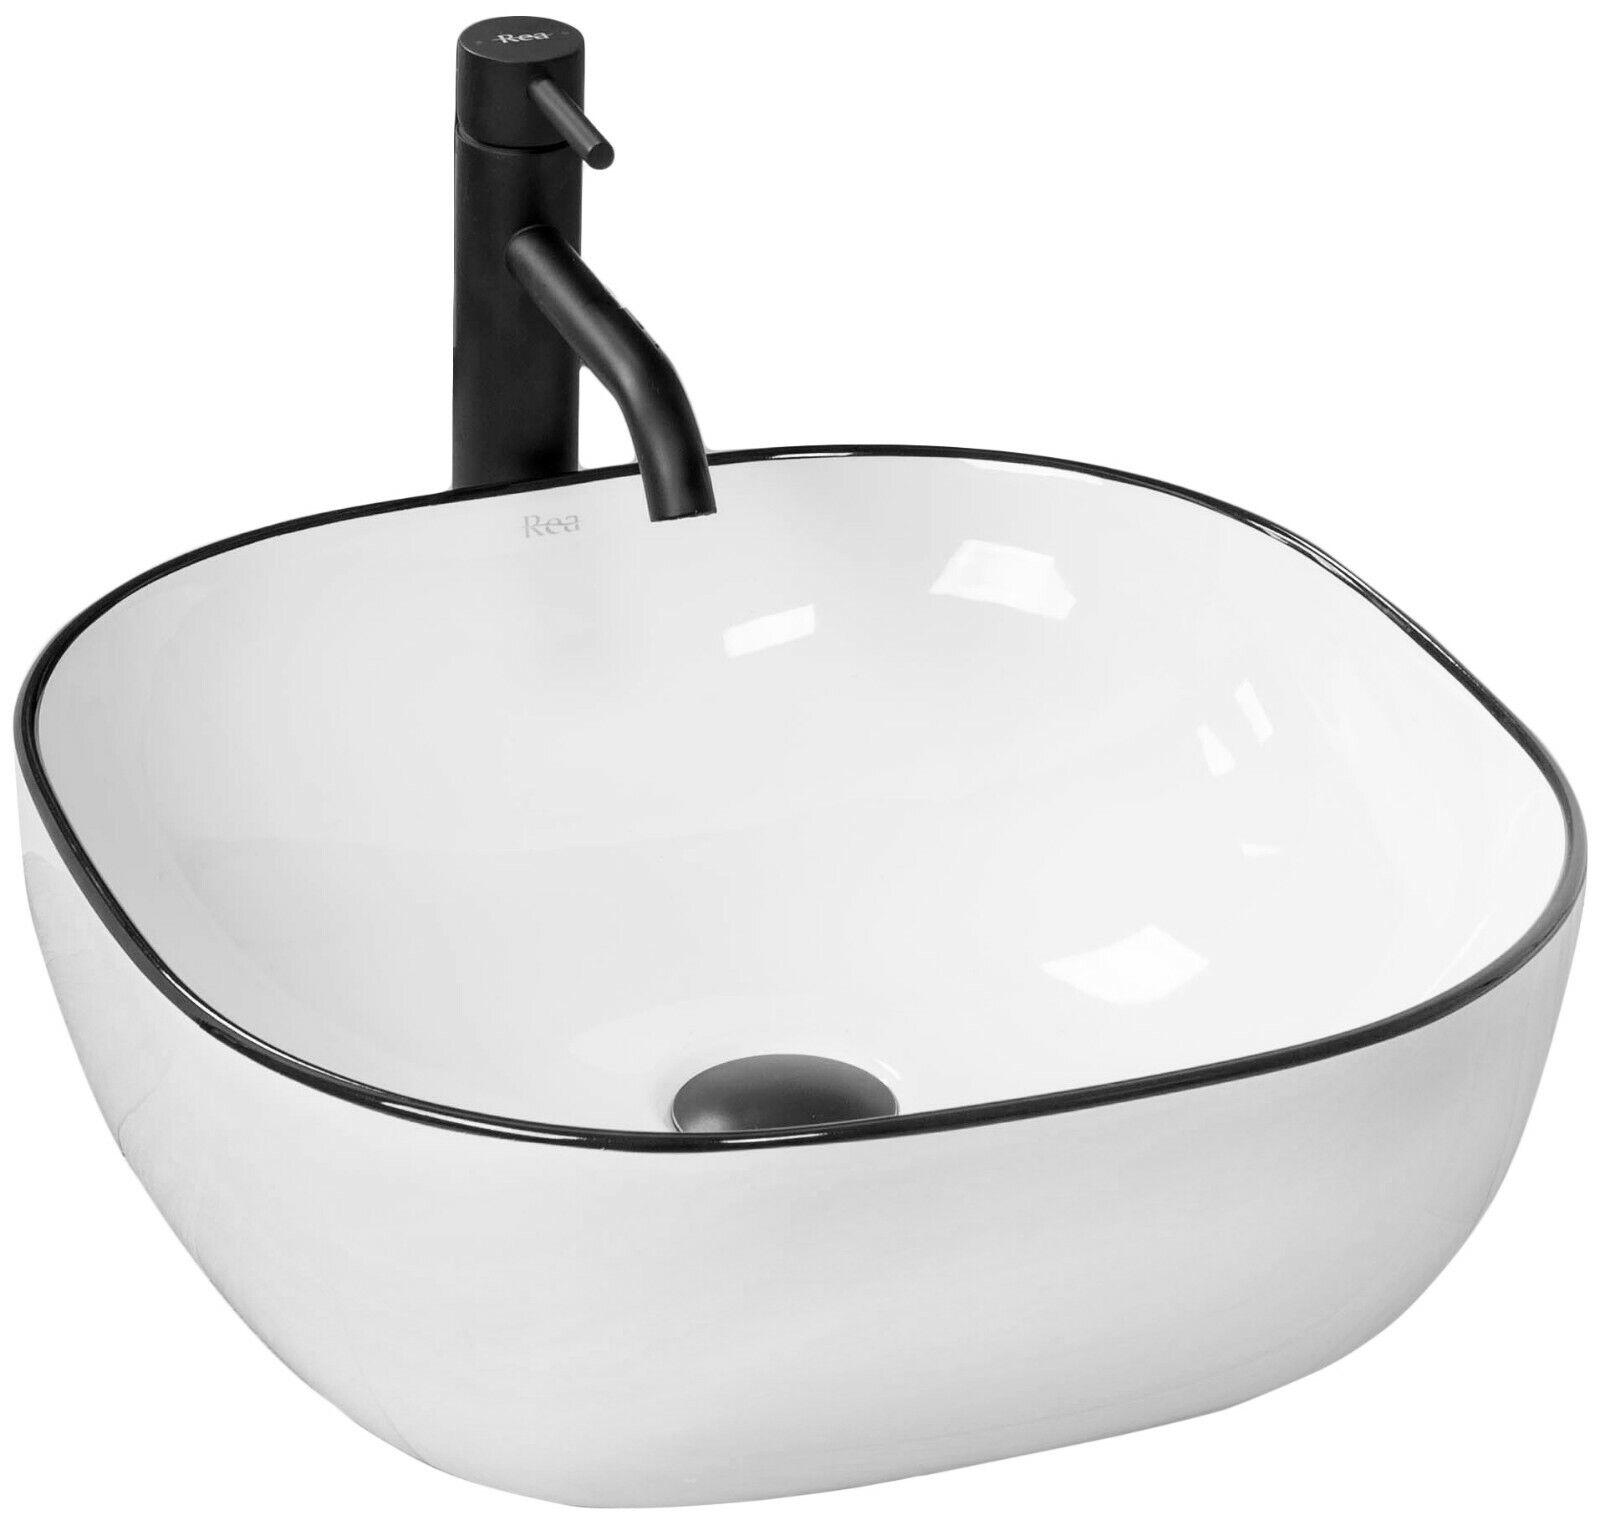 Lavabo REA In Ceramica - DORIS - Lavandino Da Appoggio Bianco